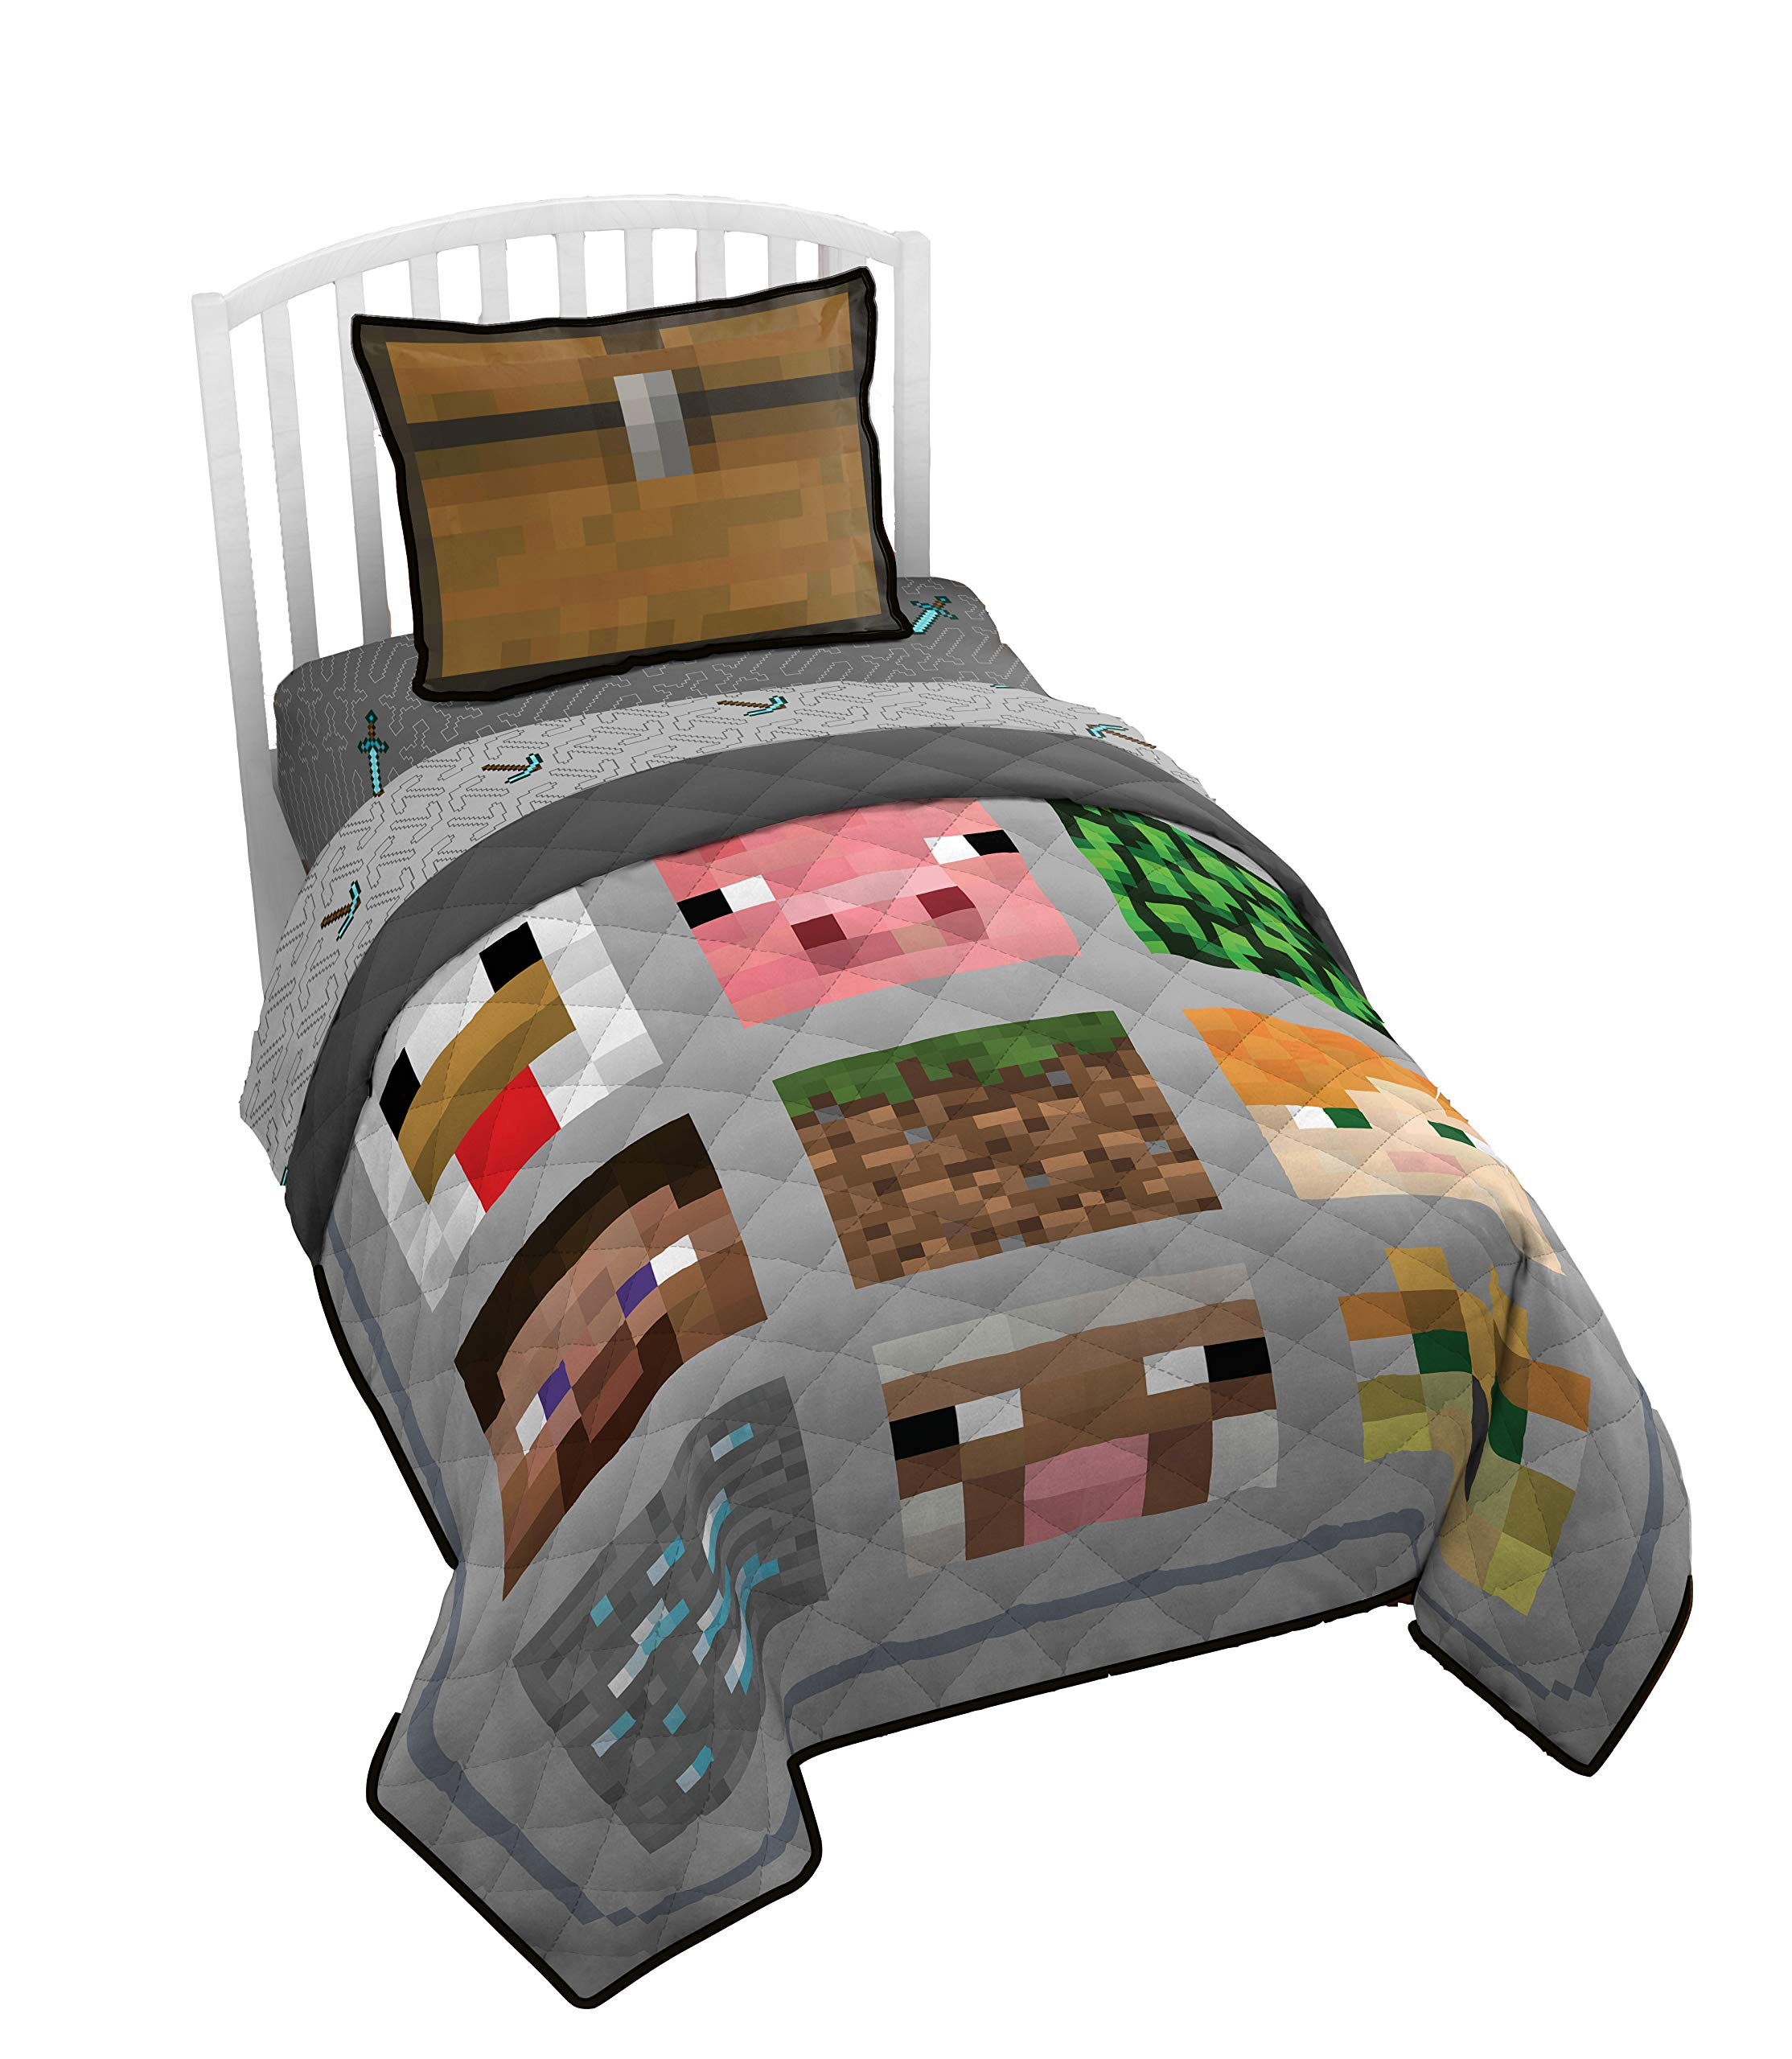 Minecraft Twin Quilt Blanket & Sham 11% Polyester